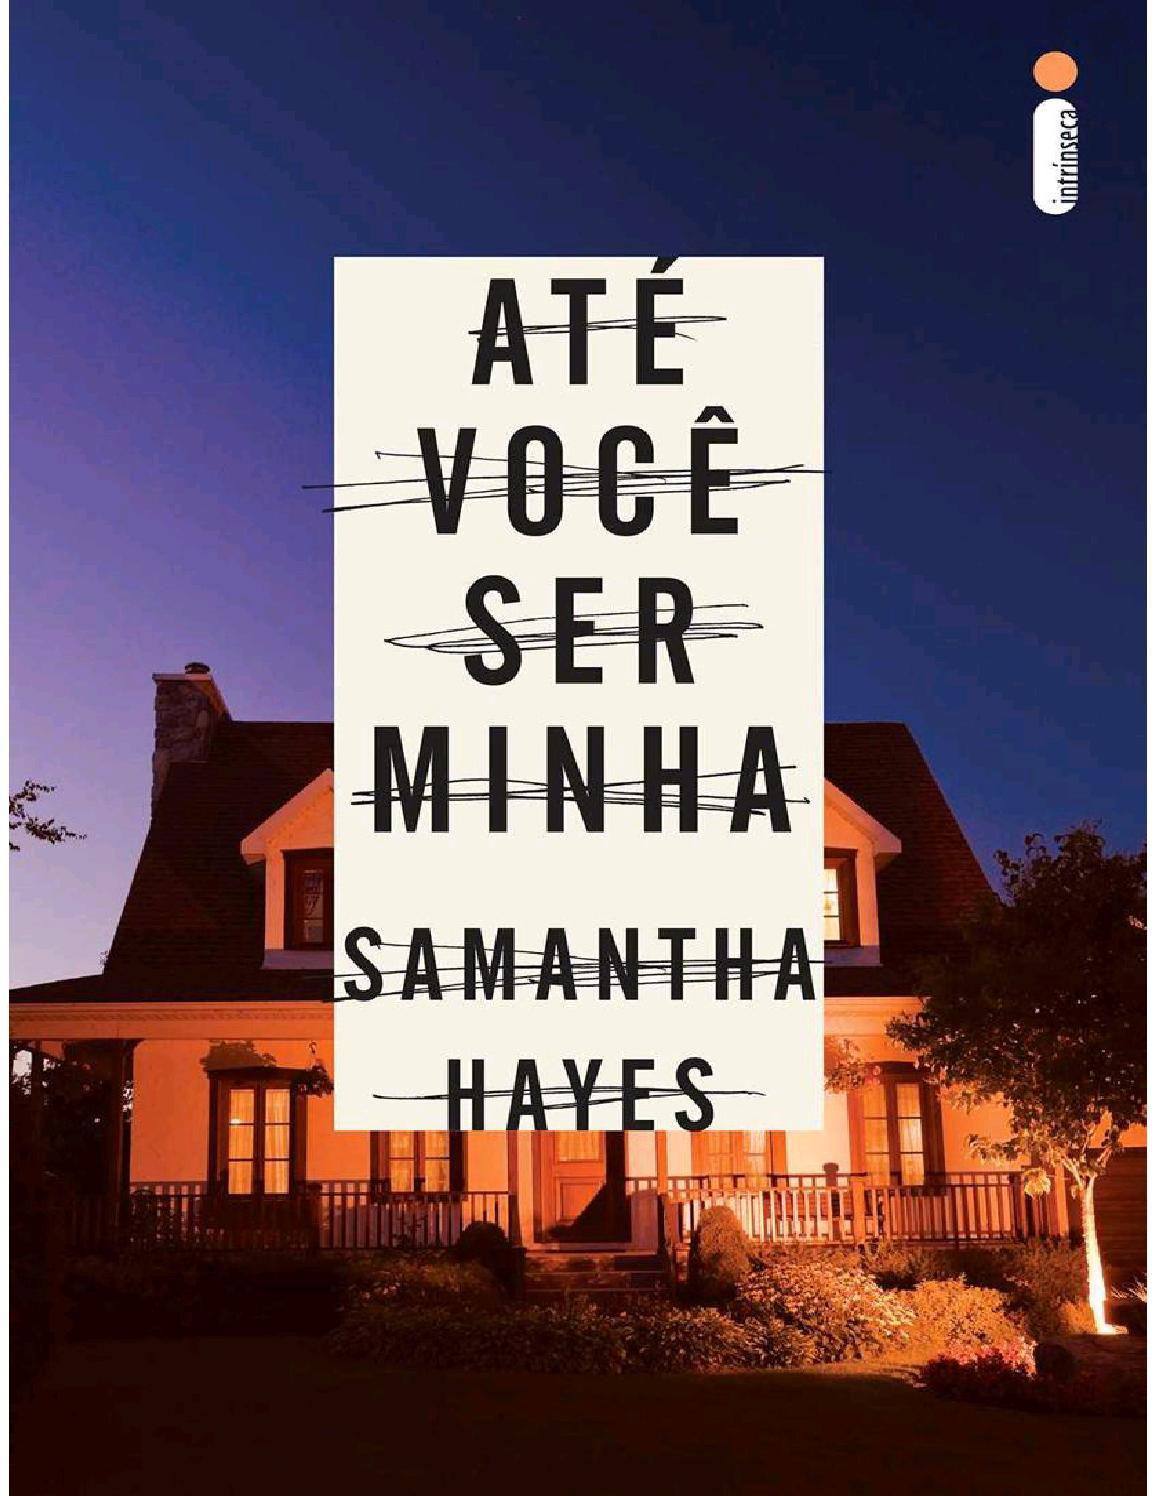 ad692e5d1d Até Você Ser Minha - Samantha Hayes by Mariana Nolasco - issuu